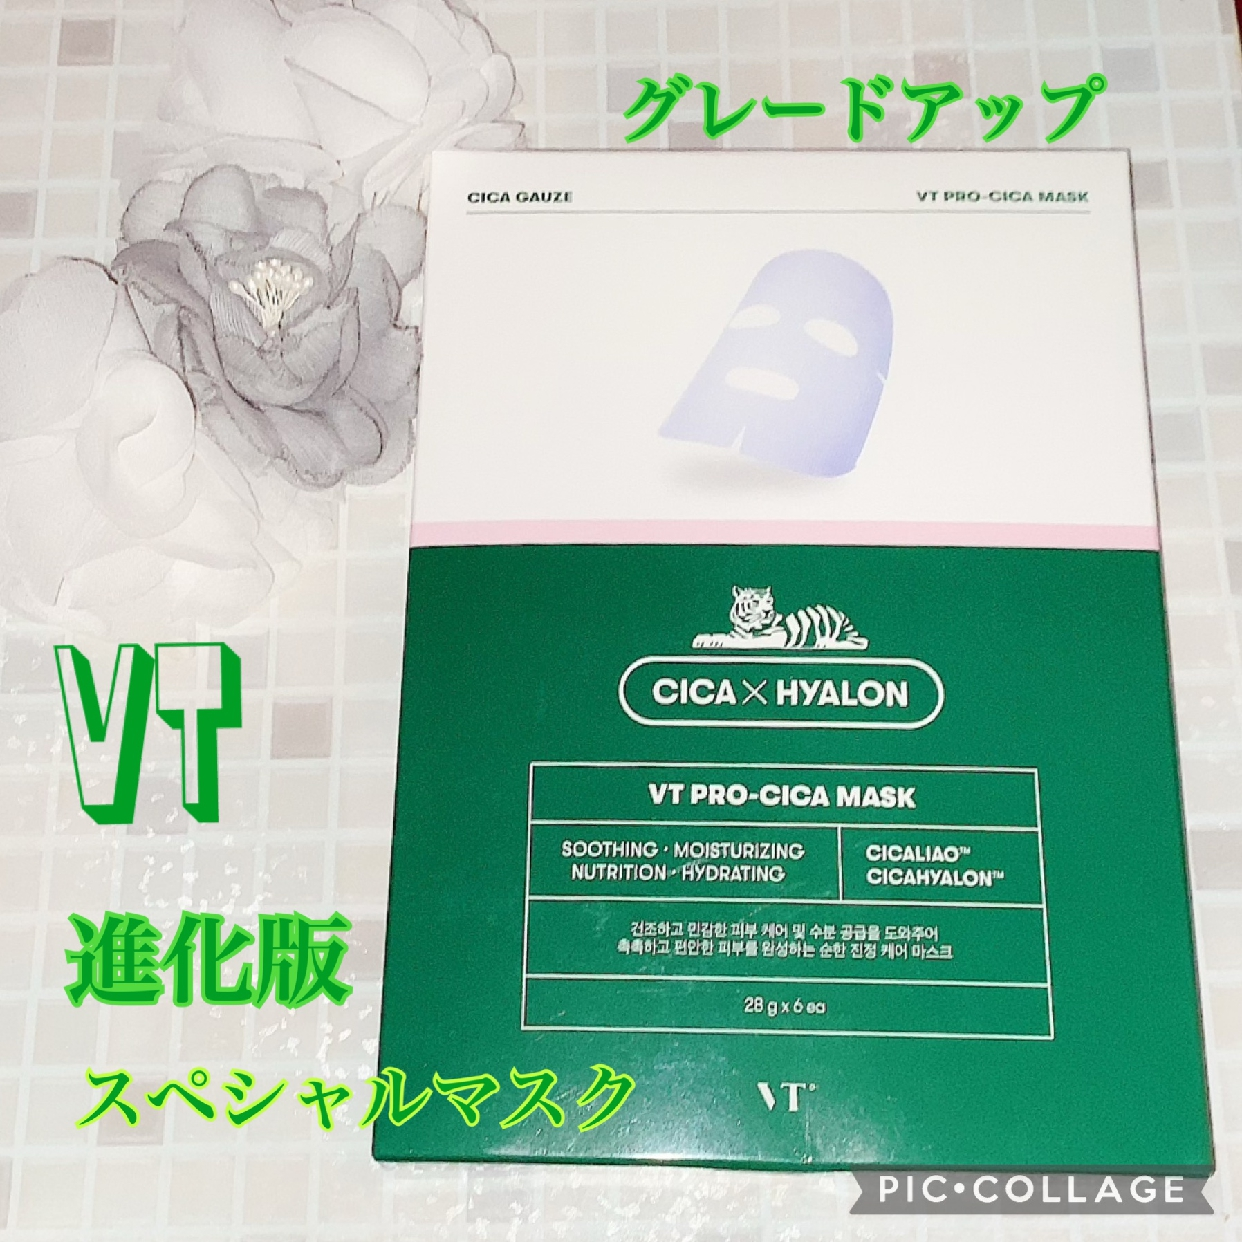 VT COSMETICS(ヴイティコスメティックス) プロシカマスクの良い点・メリットに関する珈琲豆♡さんの口コミ画像1